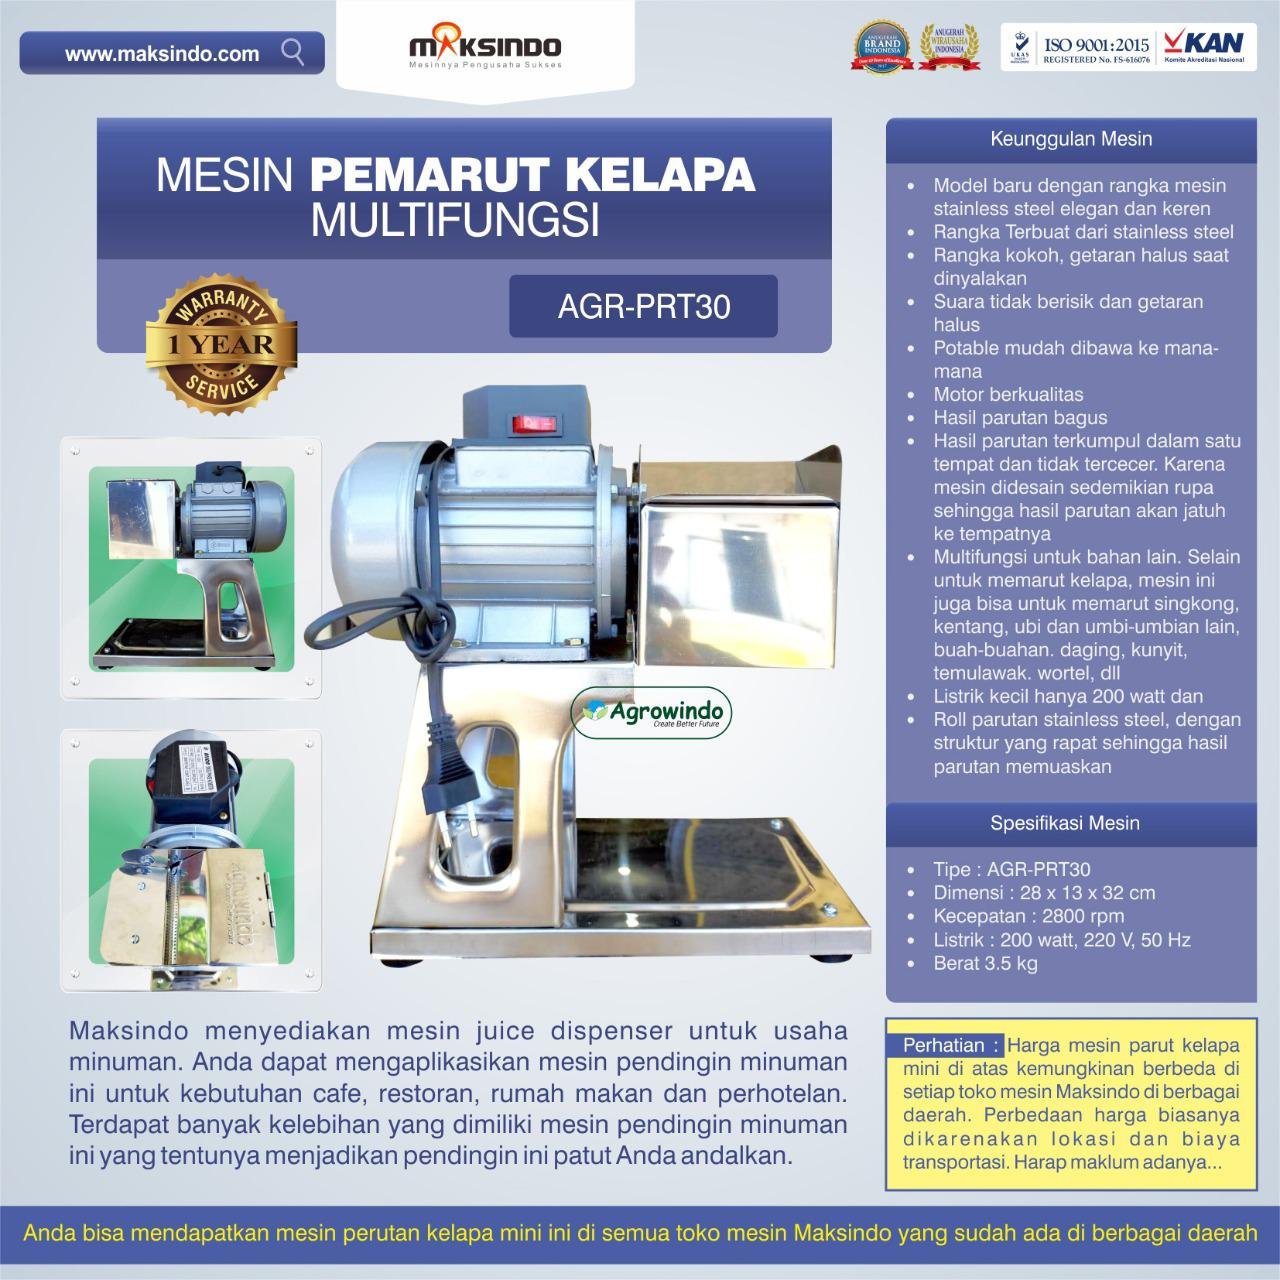 Jual Mesin Pemarut Kelapa Multifungsi AGR-PRT30 di Bekasi